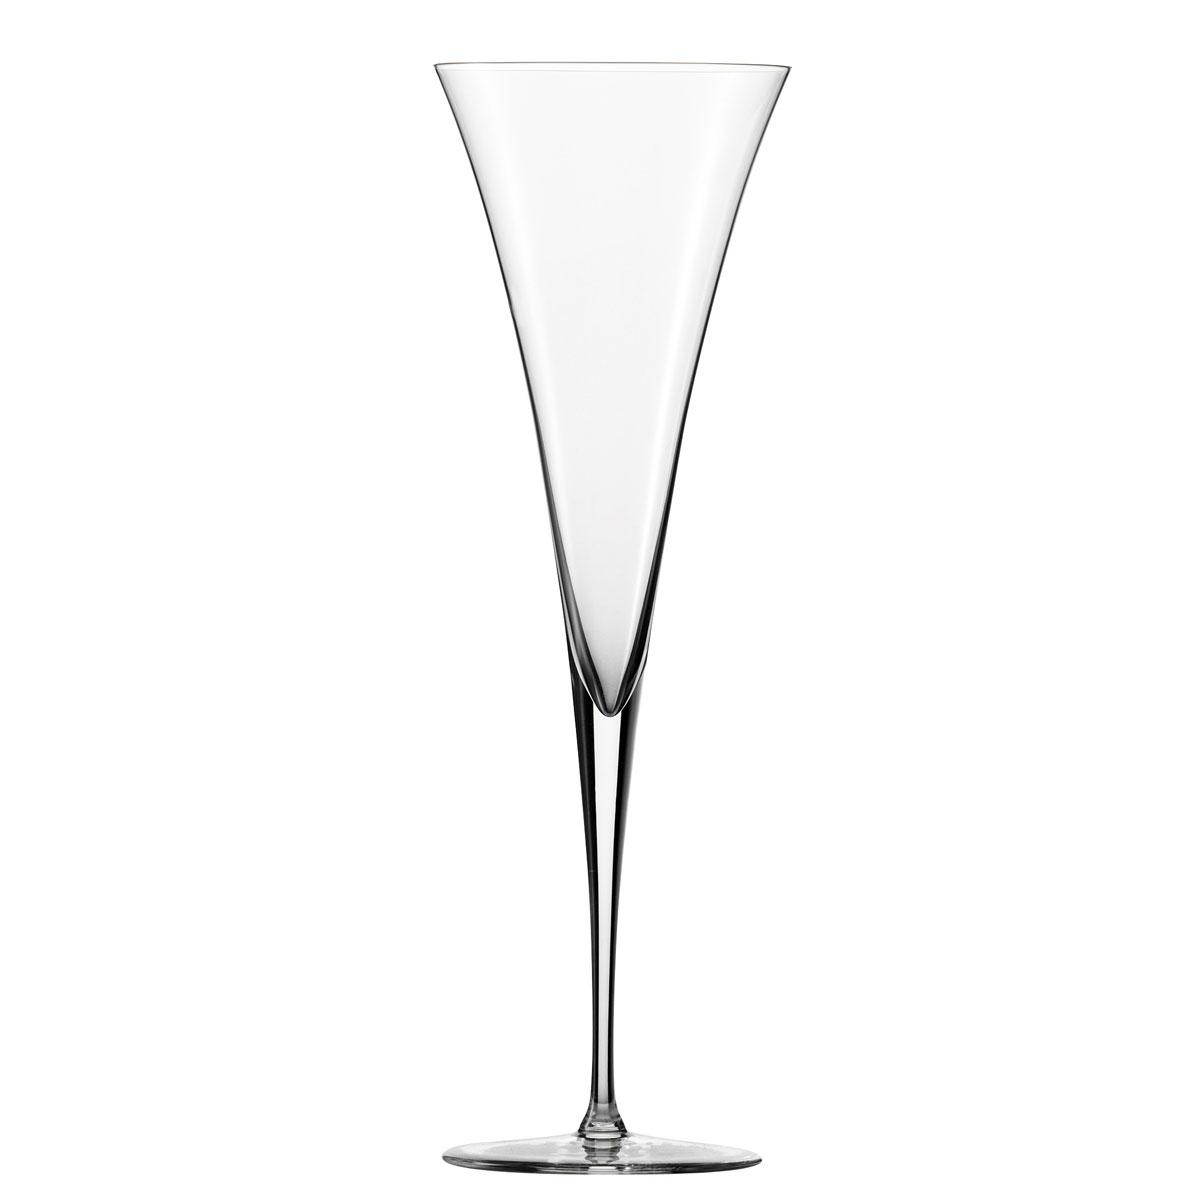 Schott Zwiesel Tritan Crystal, 1872 Enoteca Toasting Crystal Flute, Single